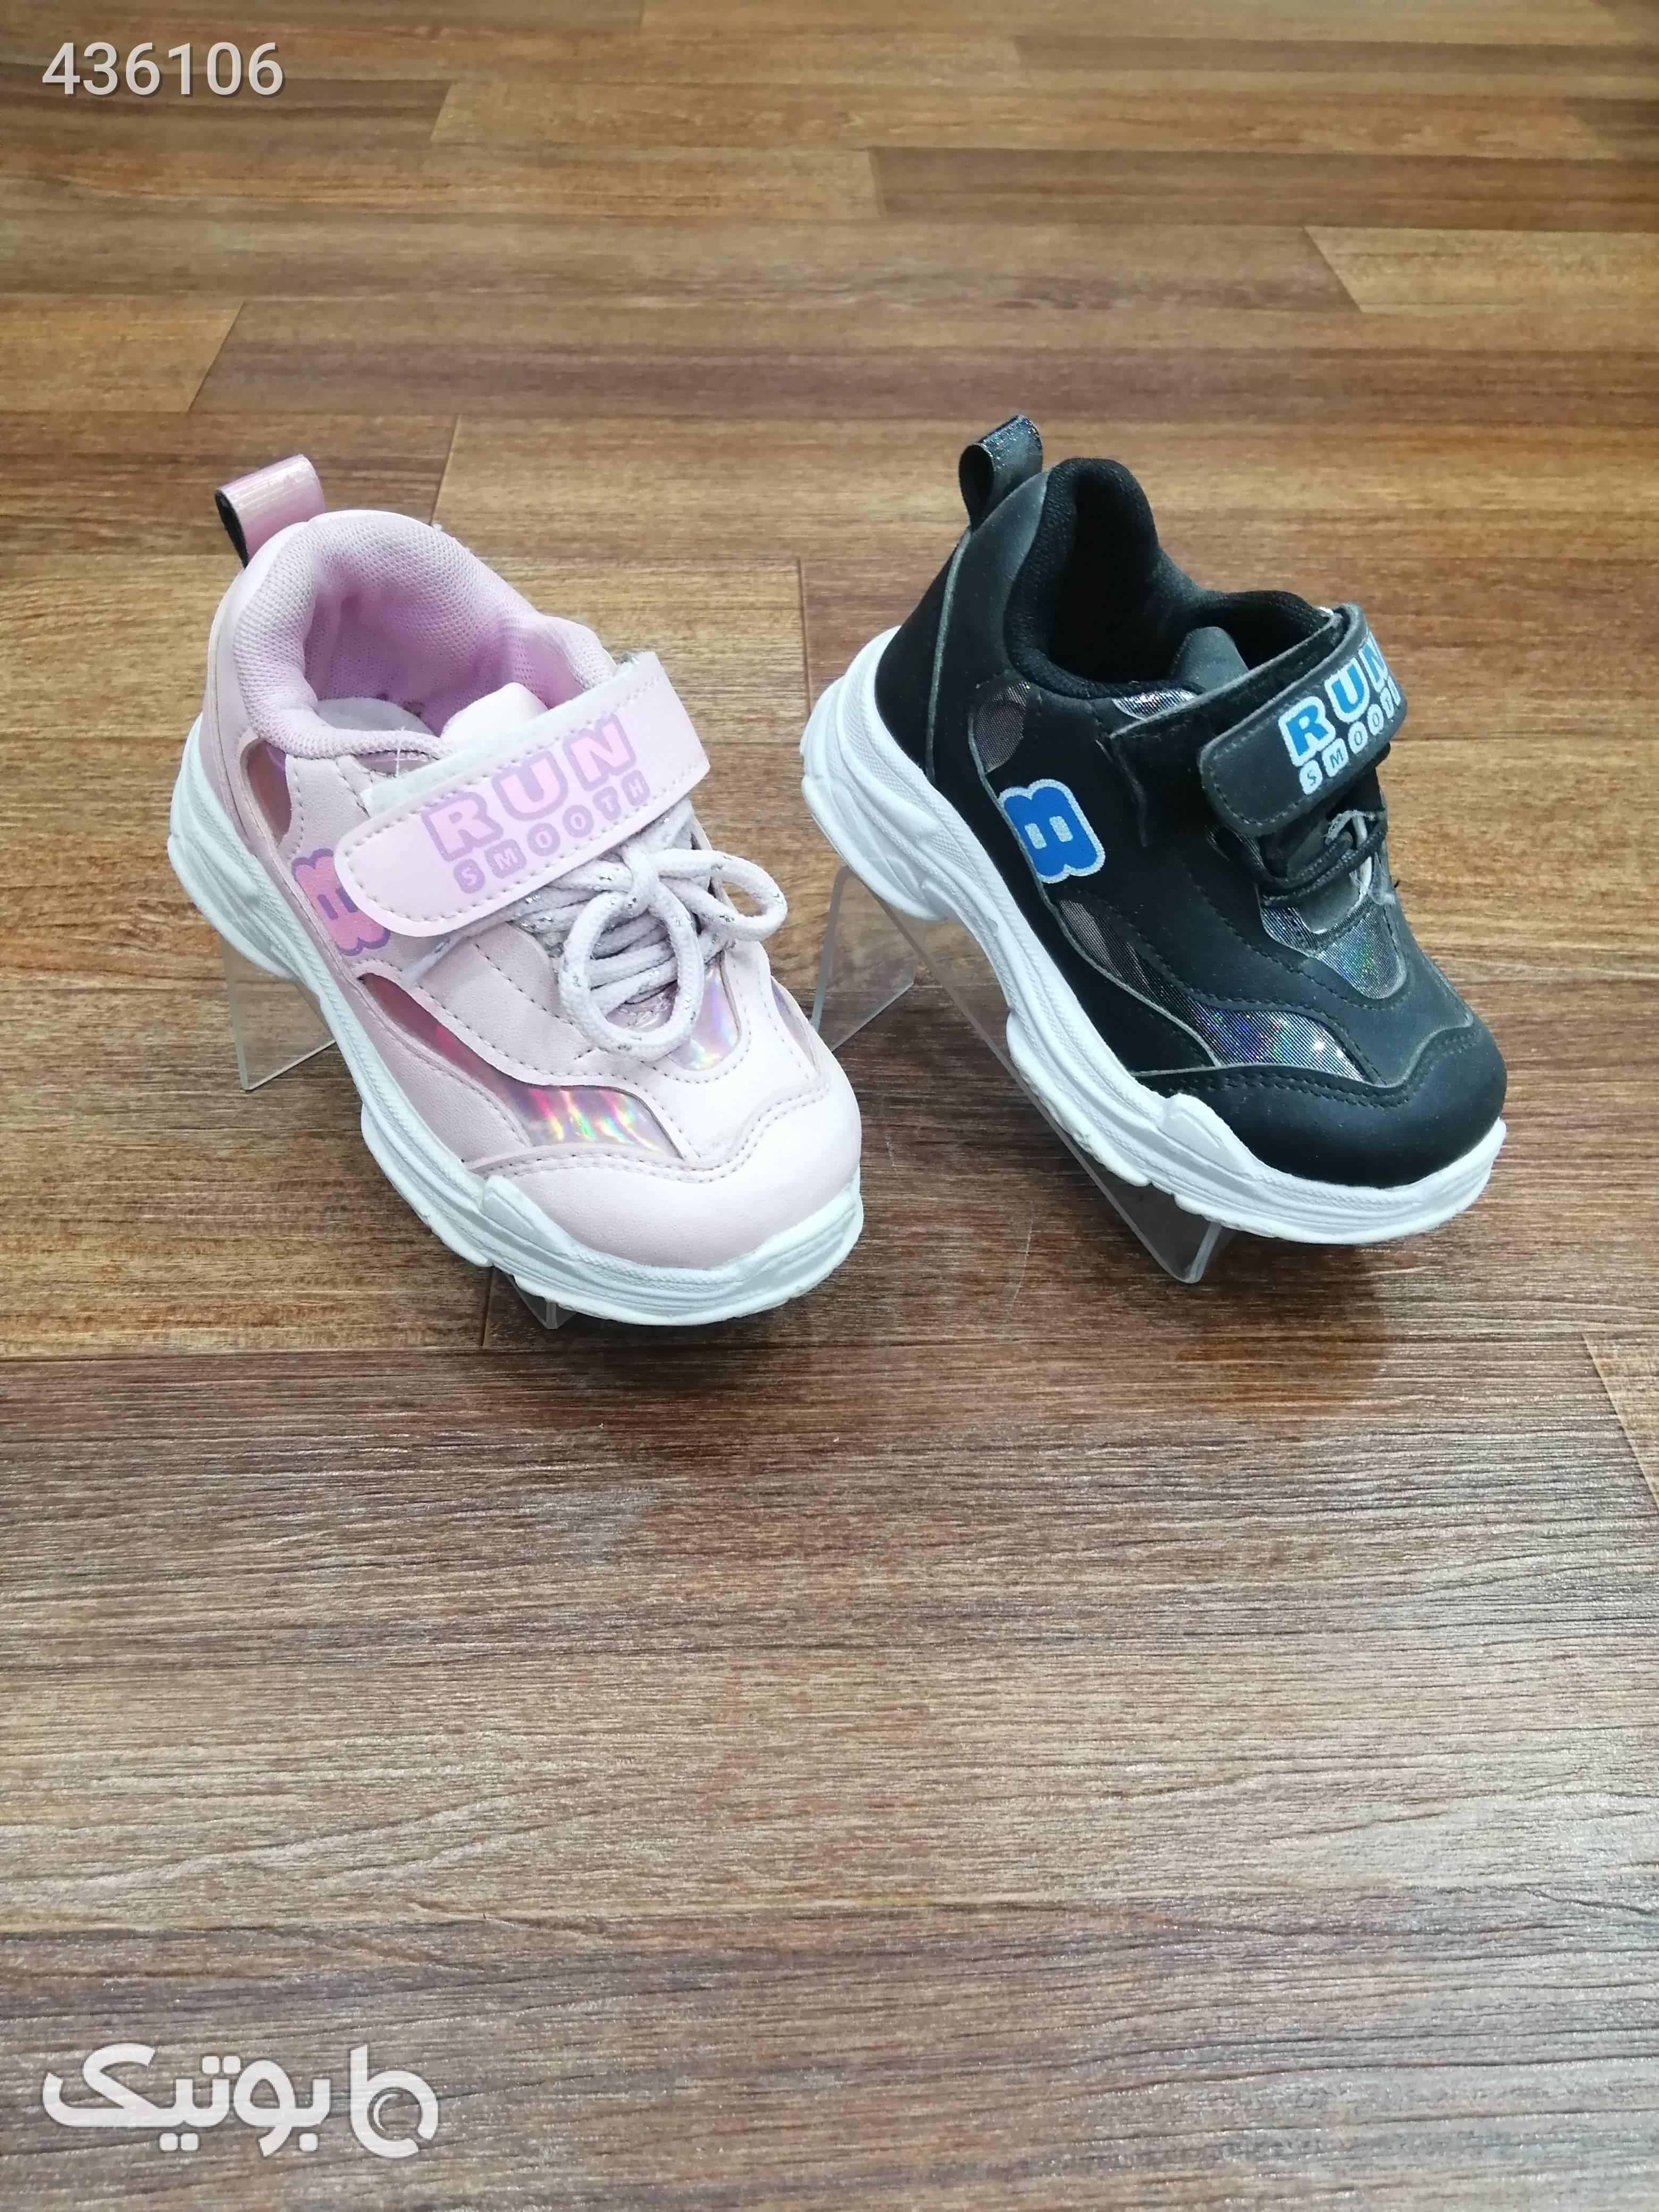 کفش اسپرت بچه گانه نقلی مشکی کیف و کفش بچگانه